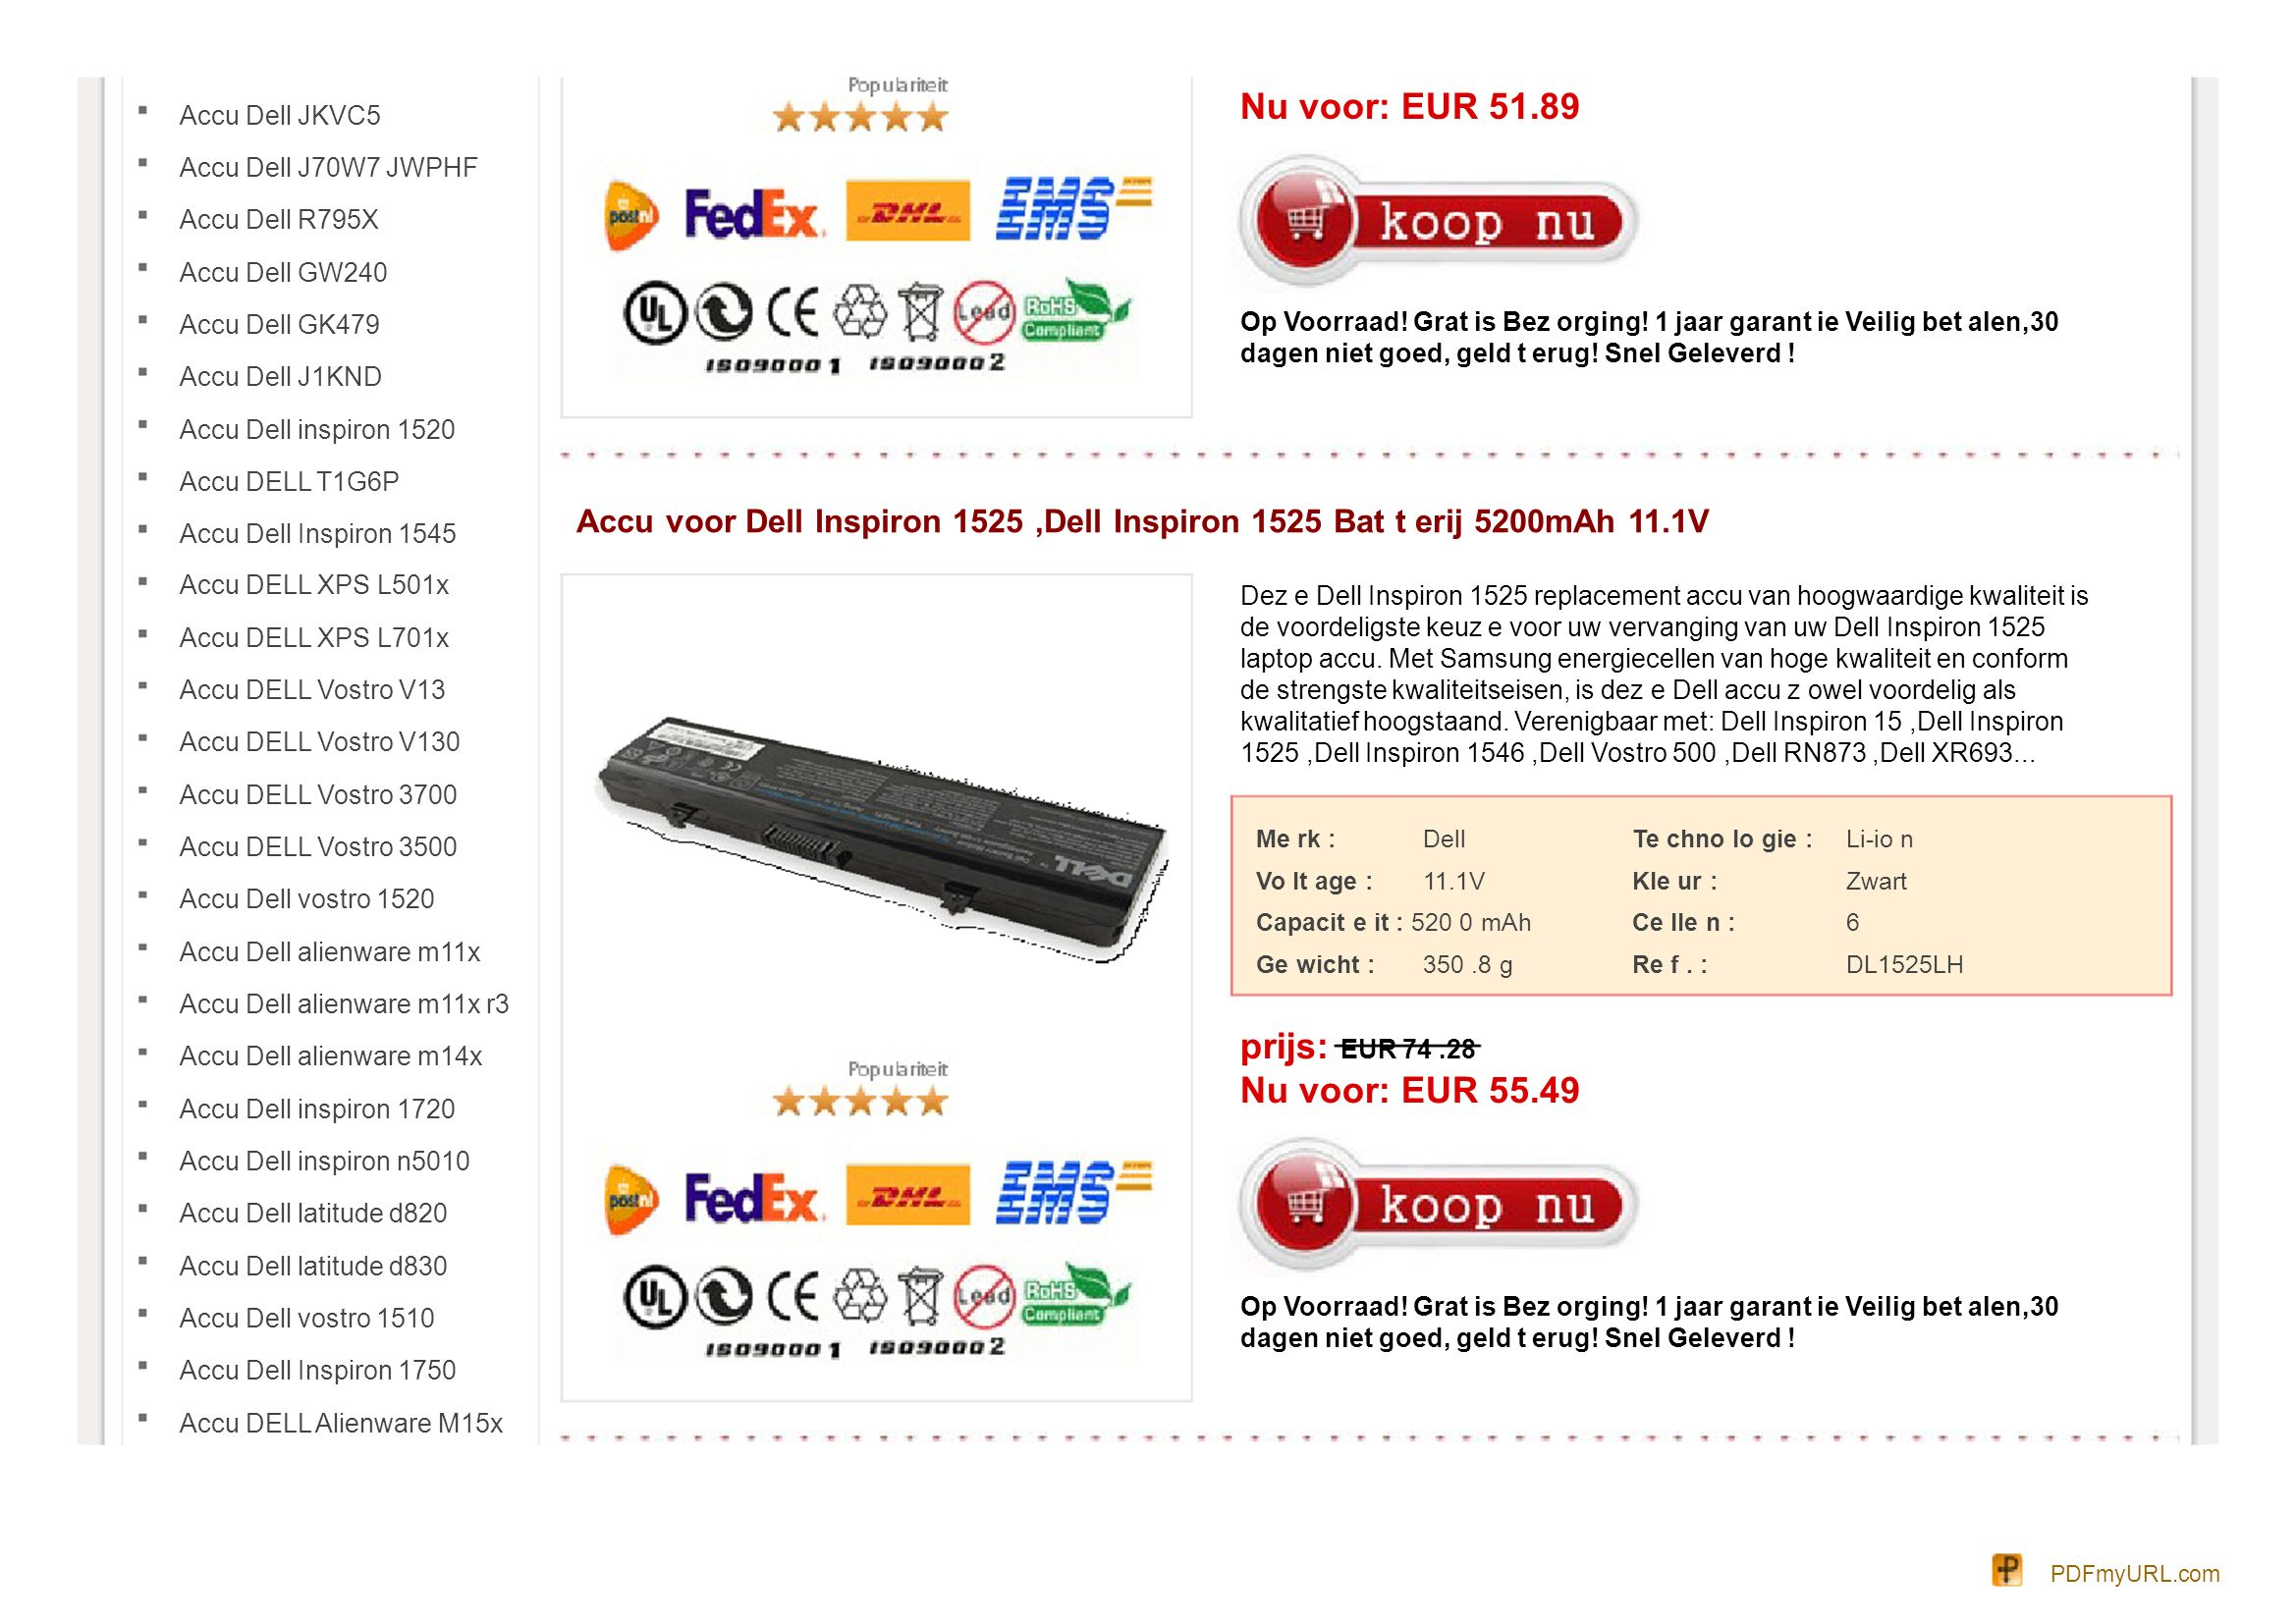 Accu Dell JKVC5 Accu Dell J70W7 JWPHF Accu Dell R795X Accu Dell GW240 Accu Dell GK479 Accu Dell J1KND Accu Dell inspiron 1520 Accu DELL T1G6P Accu Del